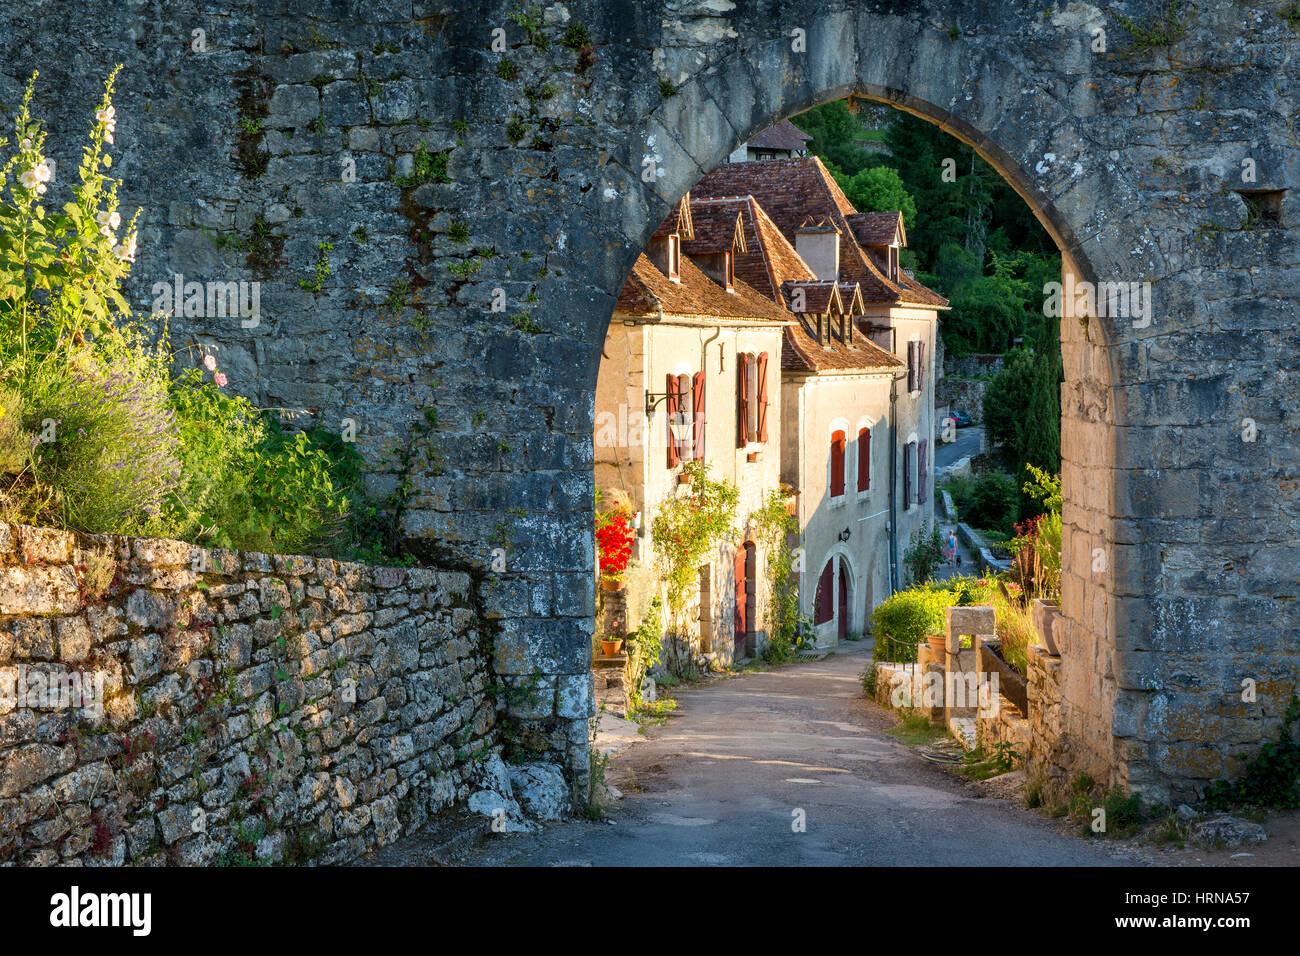 Impostando la luce del sole sulle case al varco di ingresso a Saint-Cirq-Lapopie, Valle del Lot, Midi-Pirenei, Francia Immagini Stock